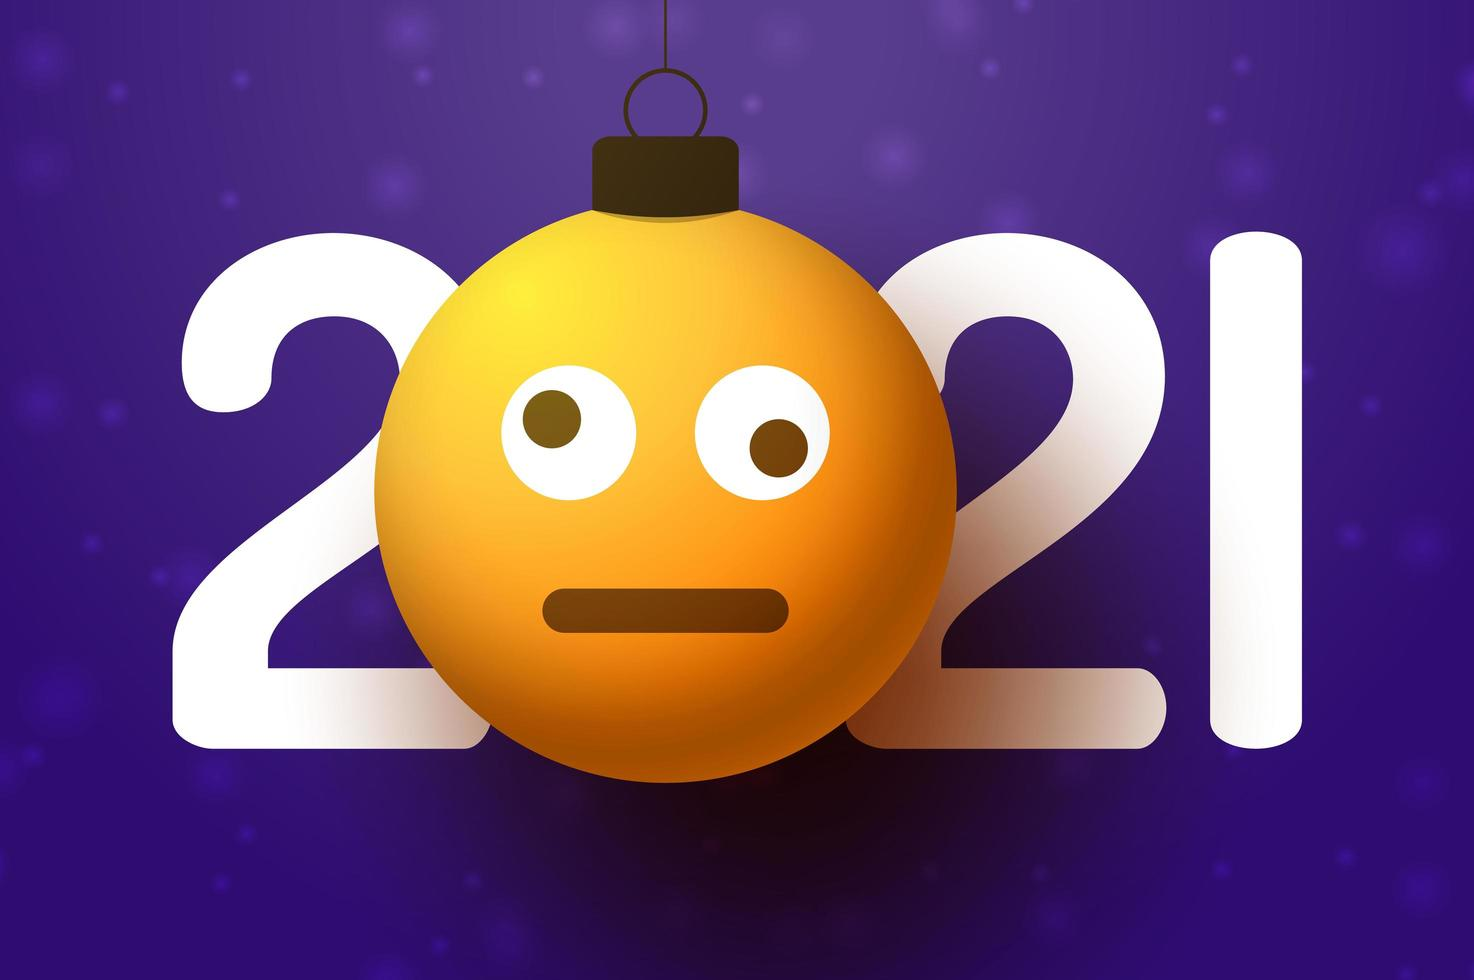 Saluto di capodanno 2021 con ornamento viso emoji confuso vettore